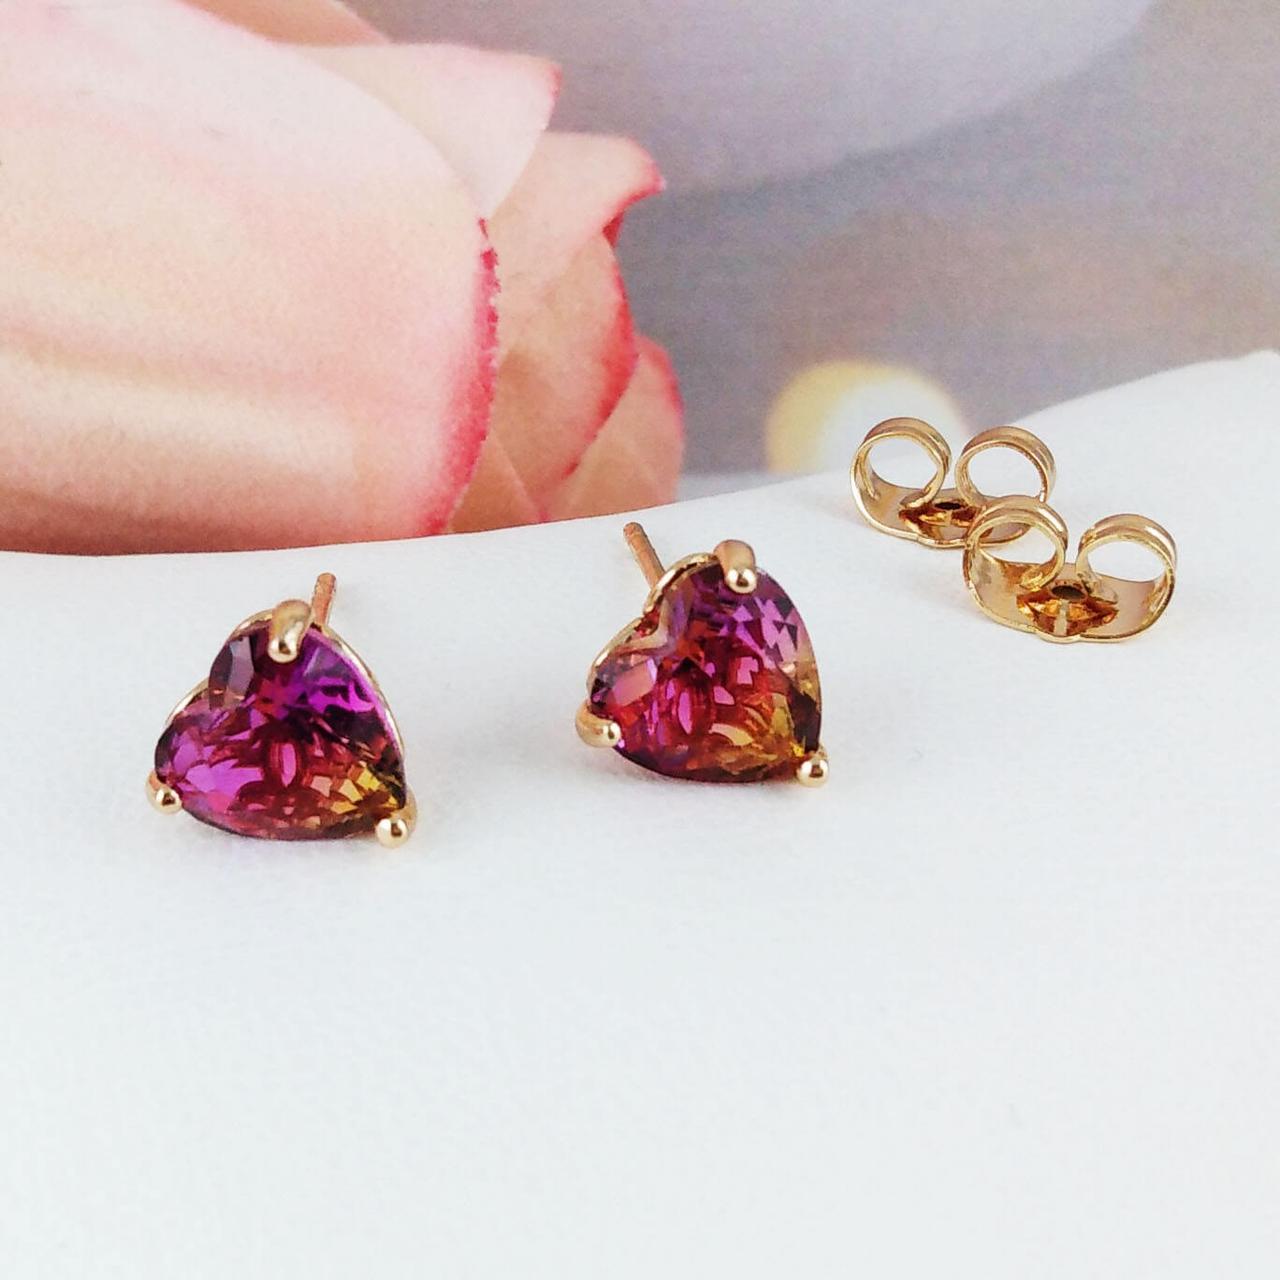 Серьги гвоздики Xuping Jewelry 8х8 Сердечки хамелеон медицинское золото, позолота 18К А/В 5116